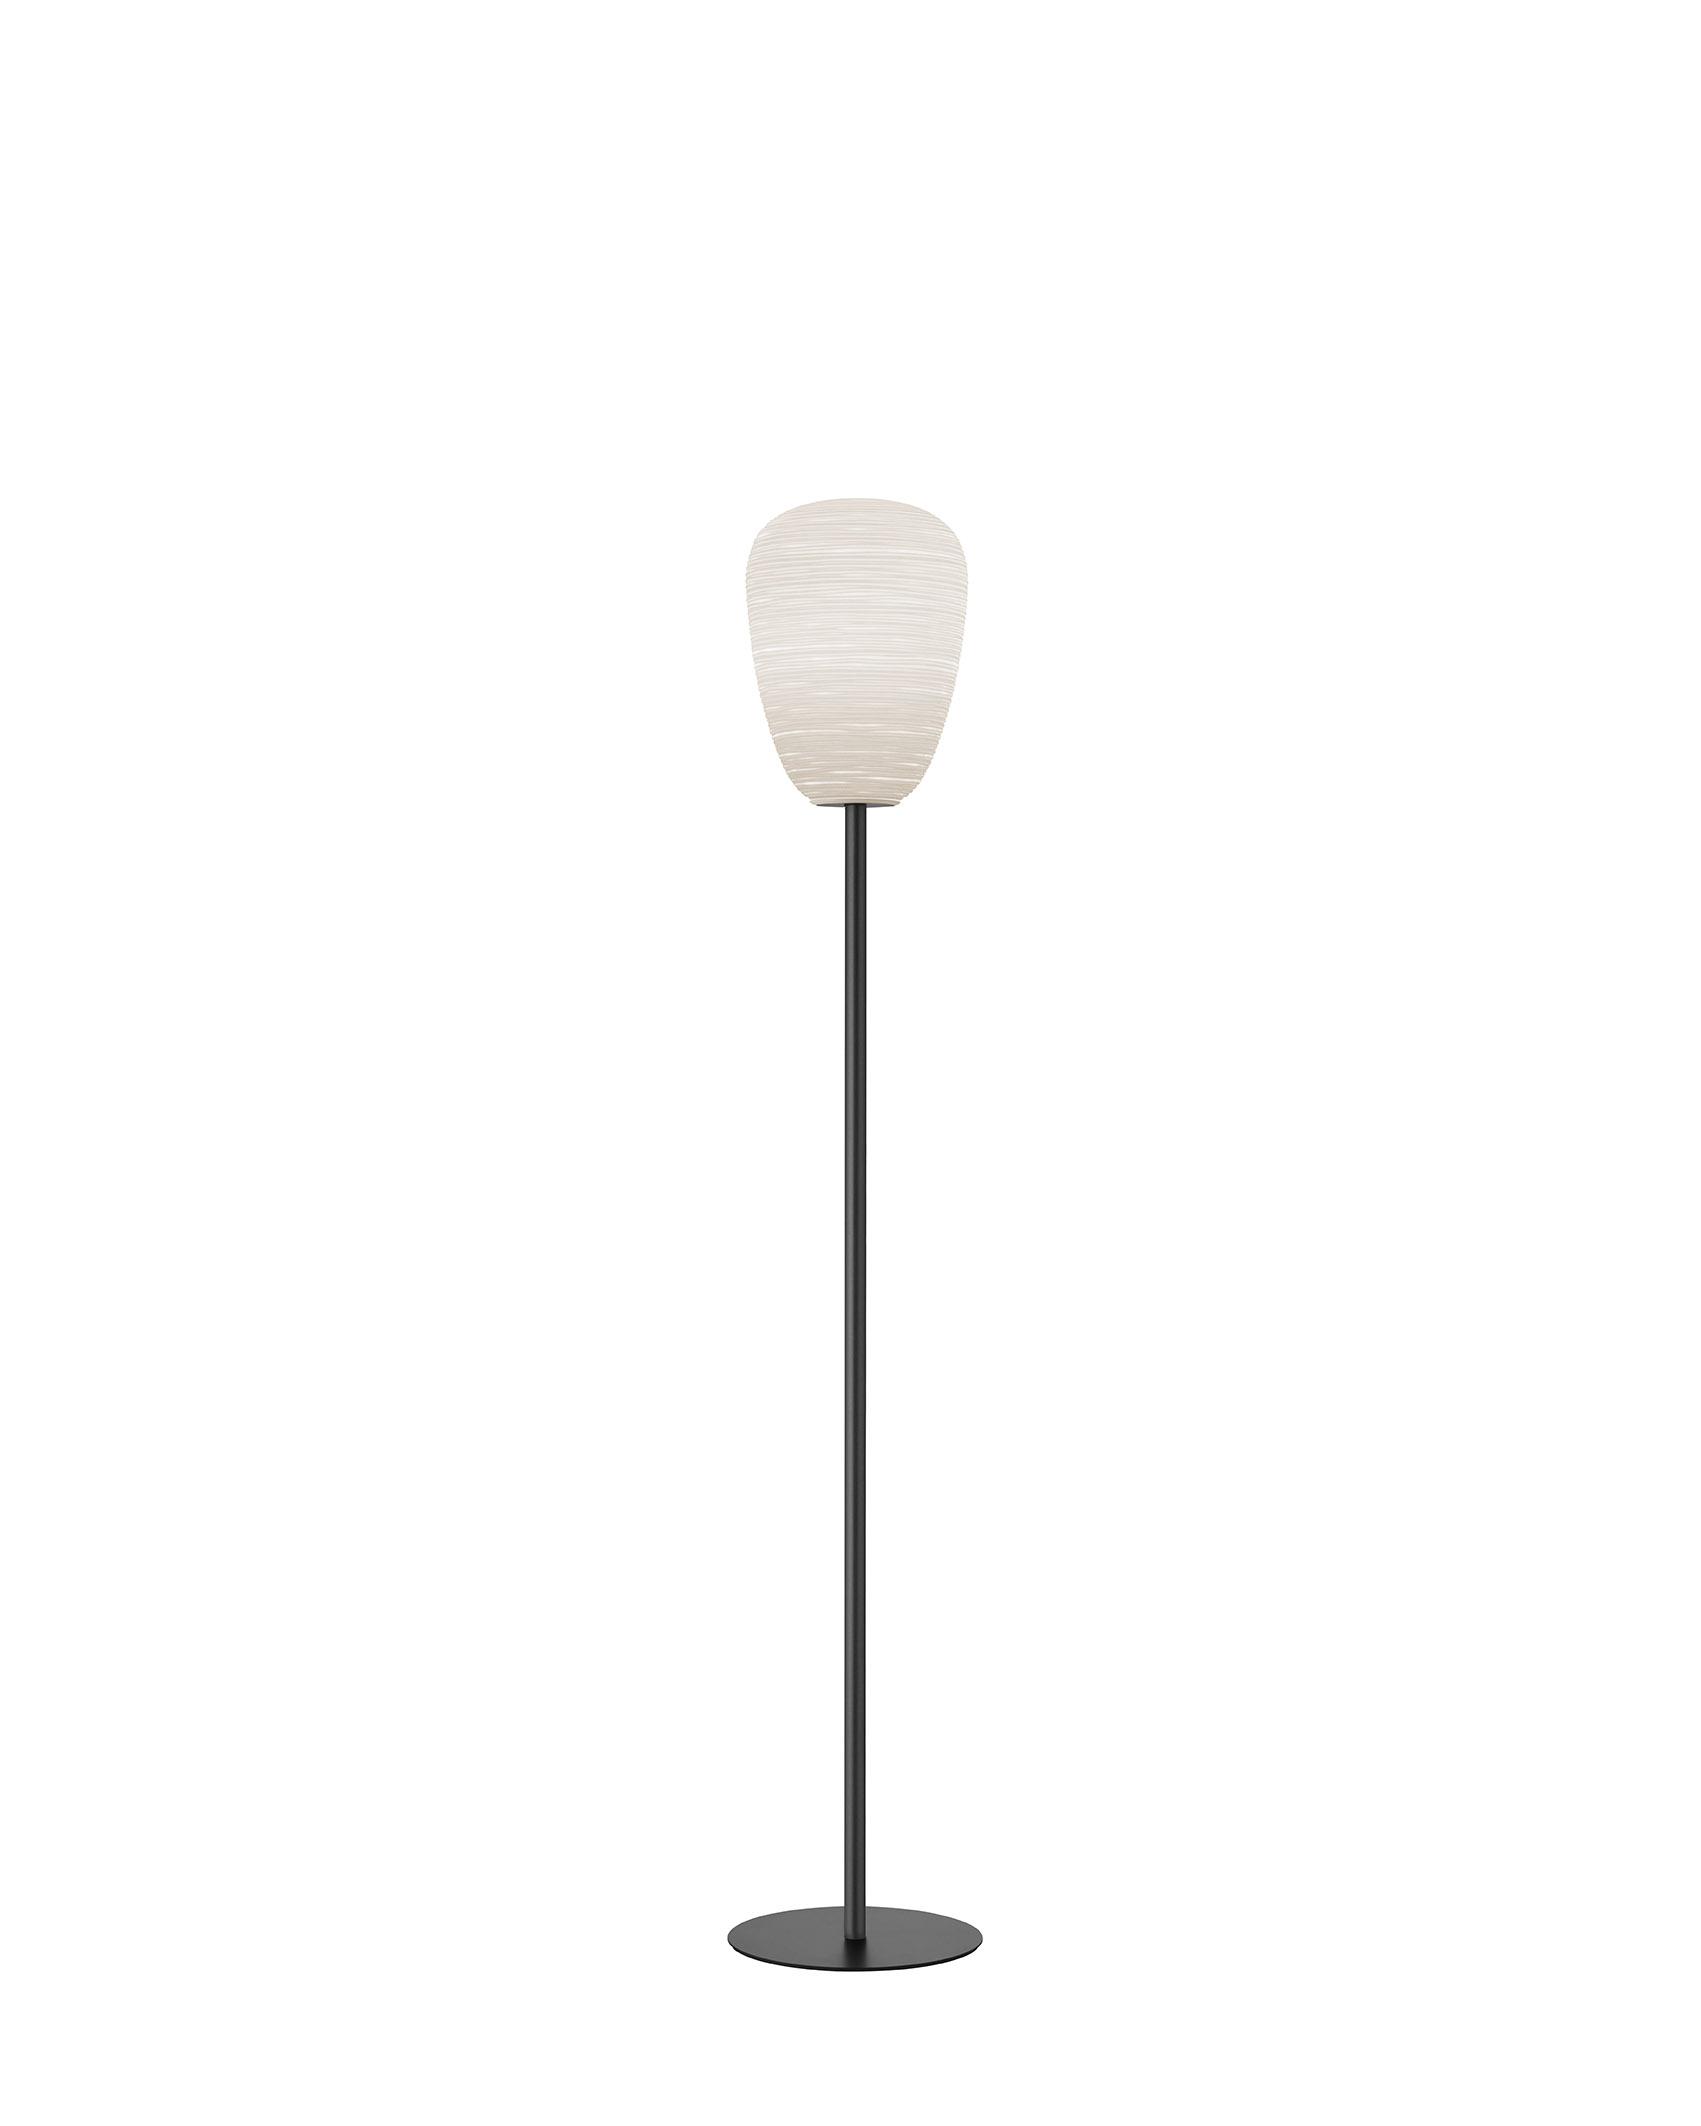 Lampada da terra Rituals 1 Mix&Match in vetro soffiato satinato inciso e metallo verniciato color antracite realizzata da Ludovica+Roberto Palomba per Foscarini